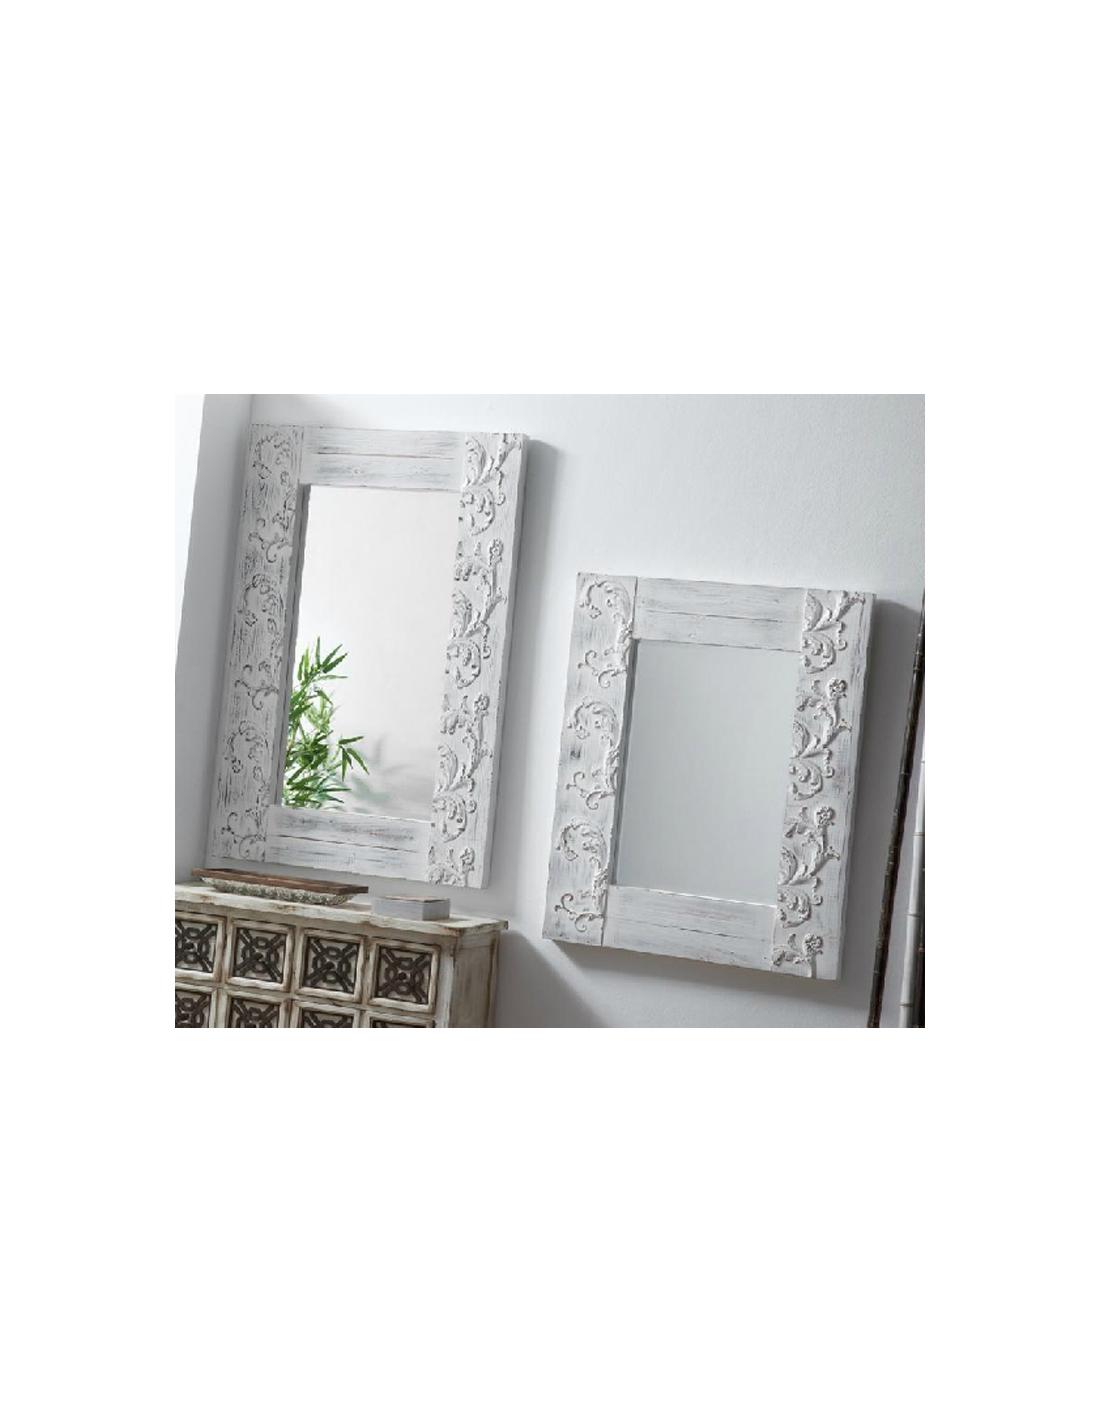 Comprar espejo decorativo tallado madera blanco envejecido for Espejo madera blanco